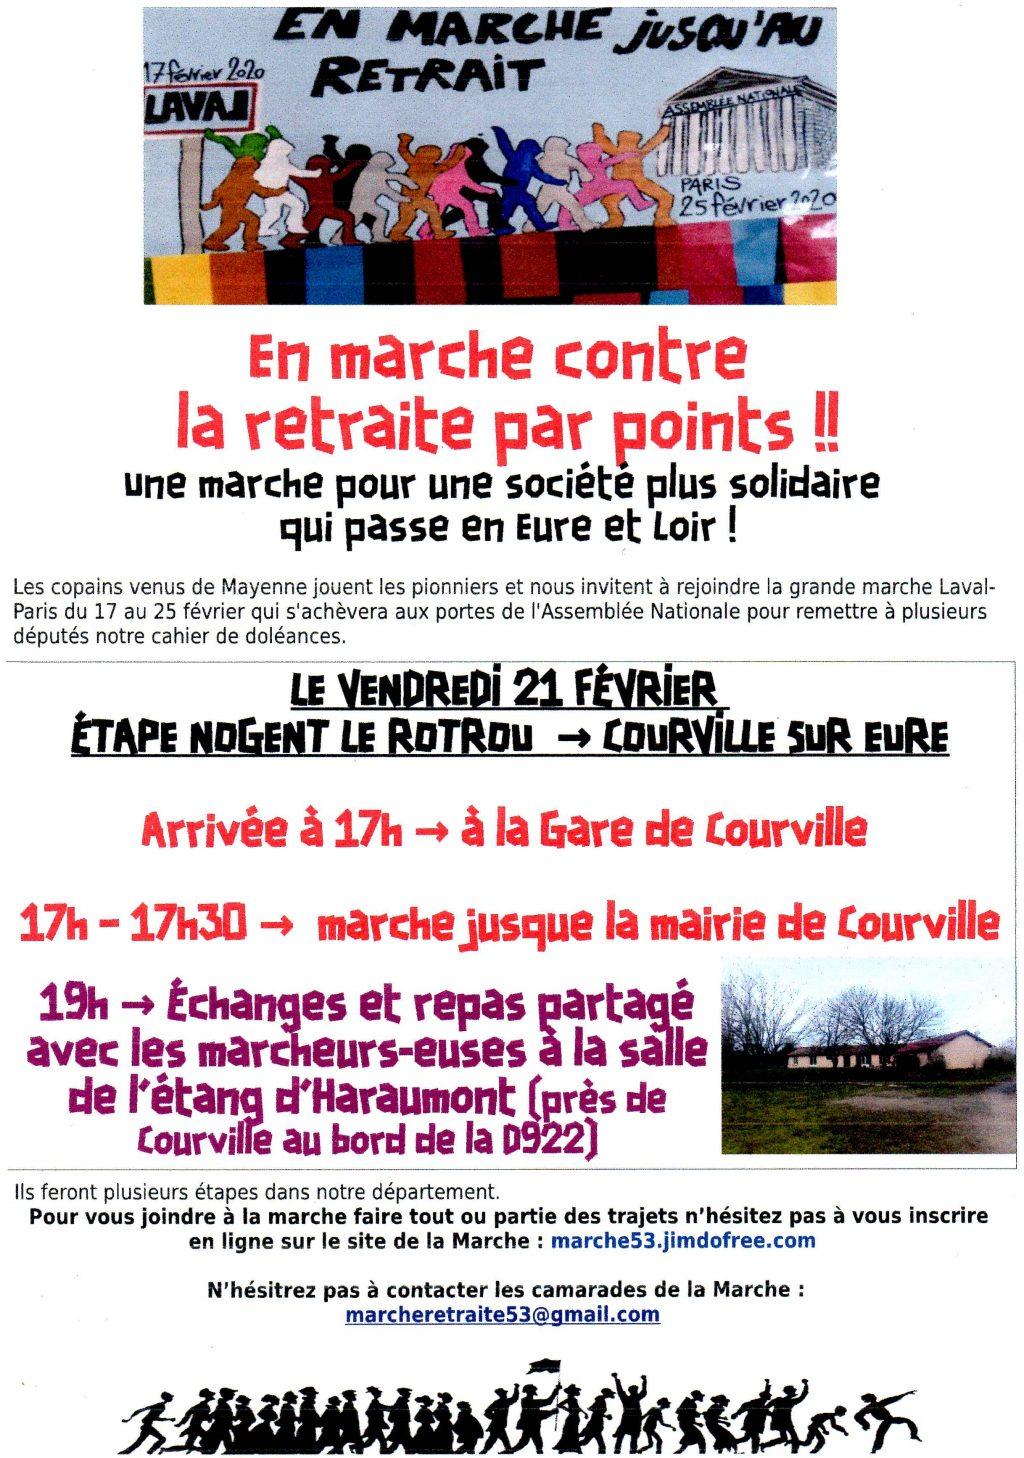 Marche 53 Tract étape de Courville